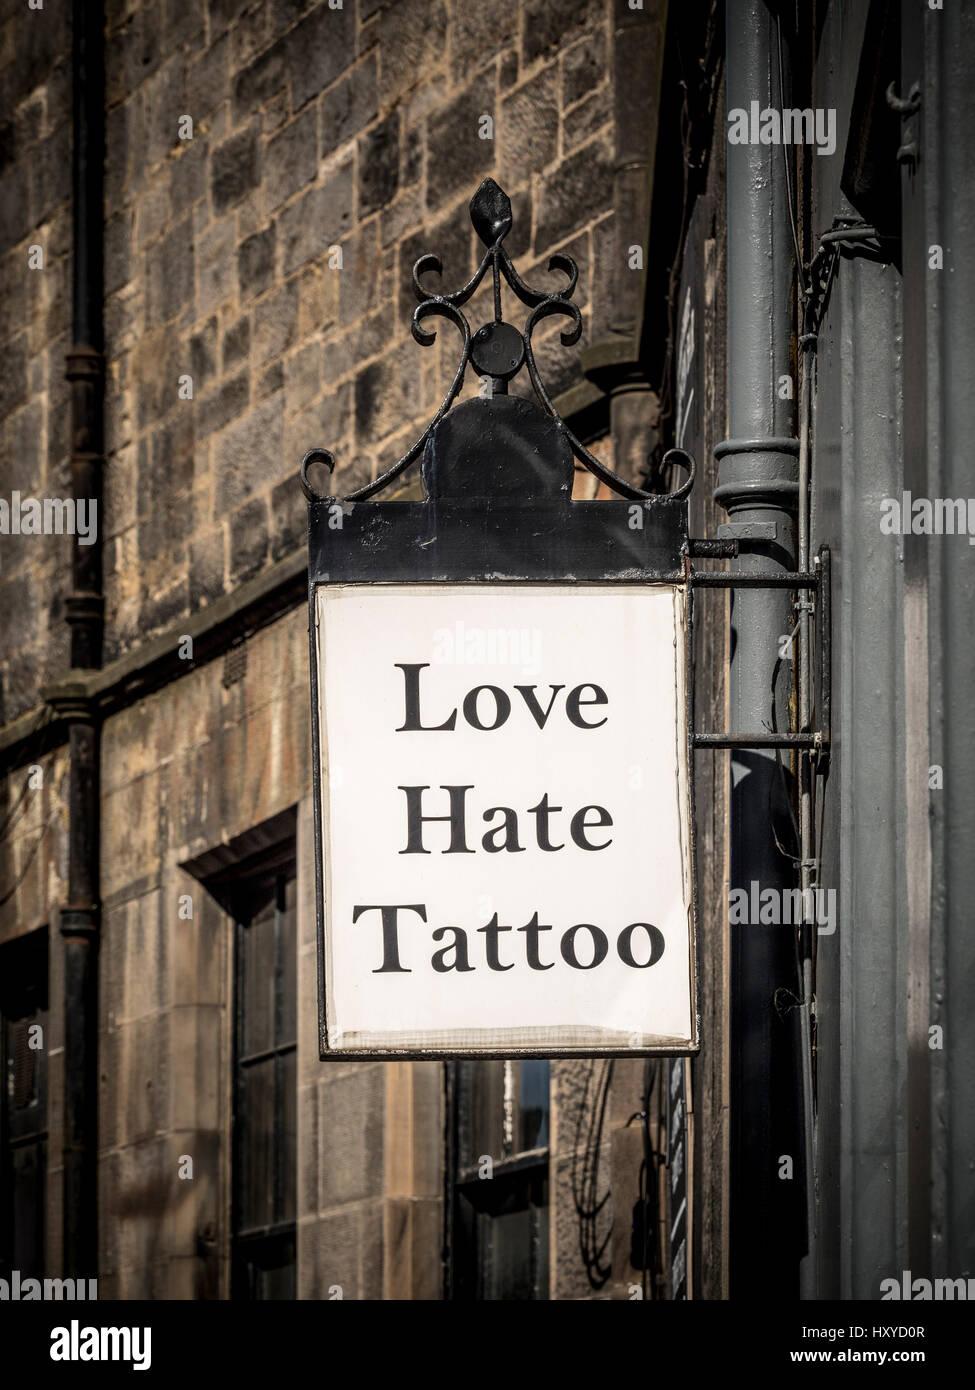 Amore Hate tatuaggio segno esterno artista tattoo shop, Edimburgo, Scozia. Immagini Stock